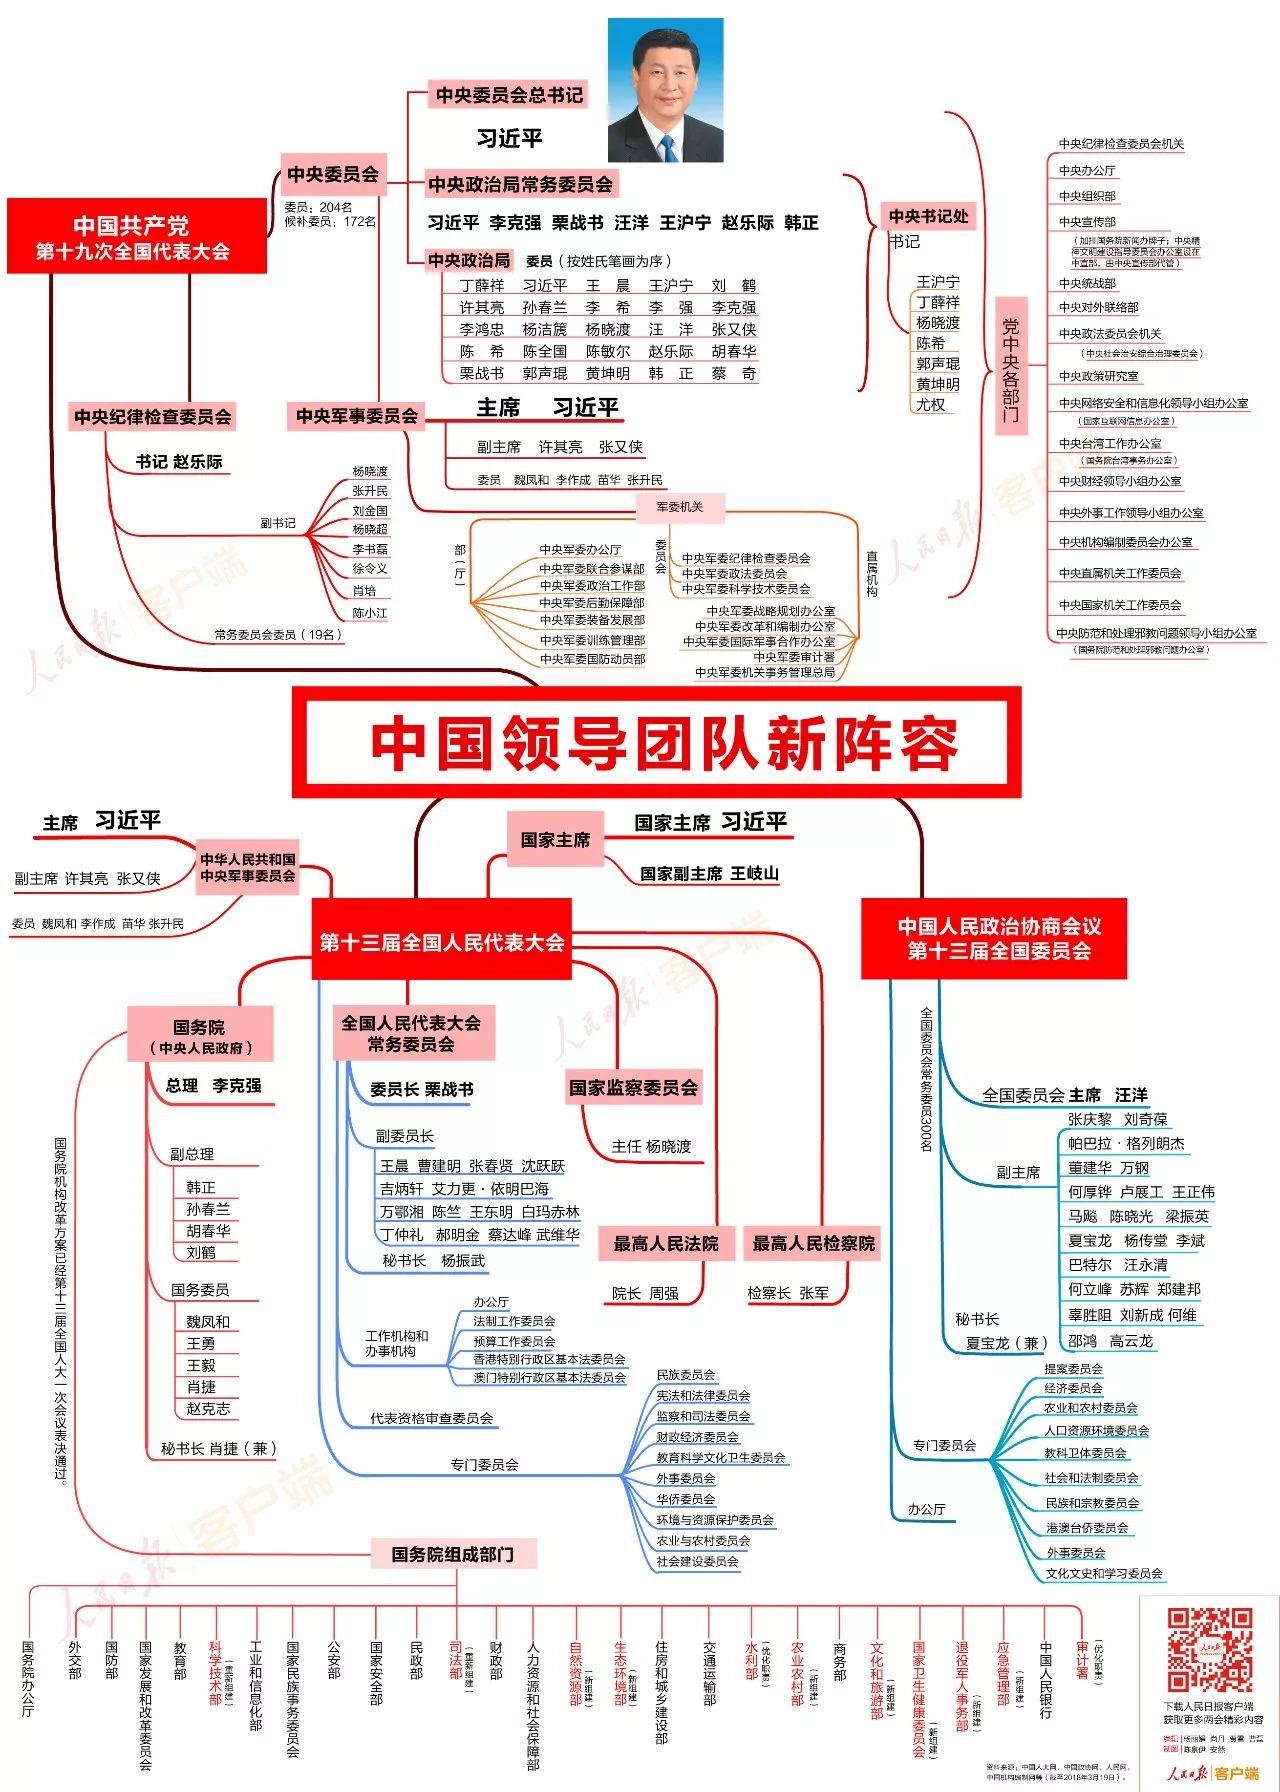 最新思维导图,看中国领导团队新阵容